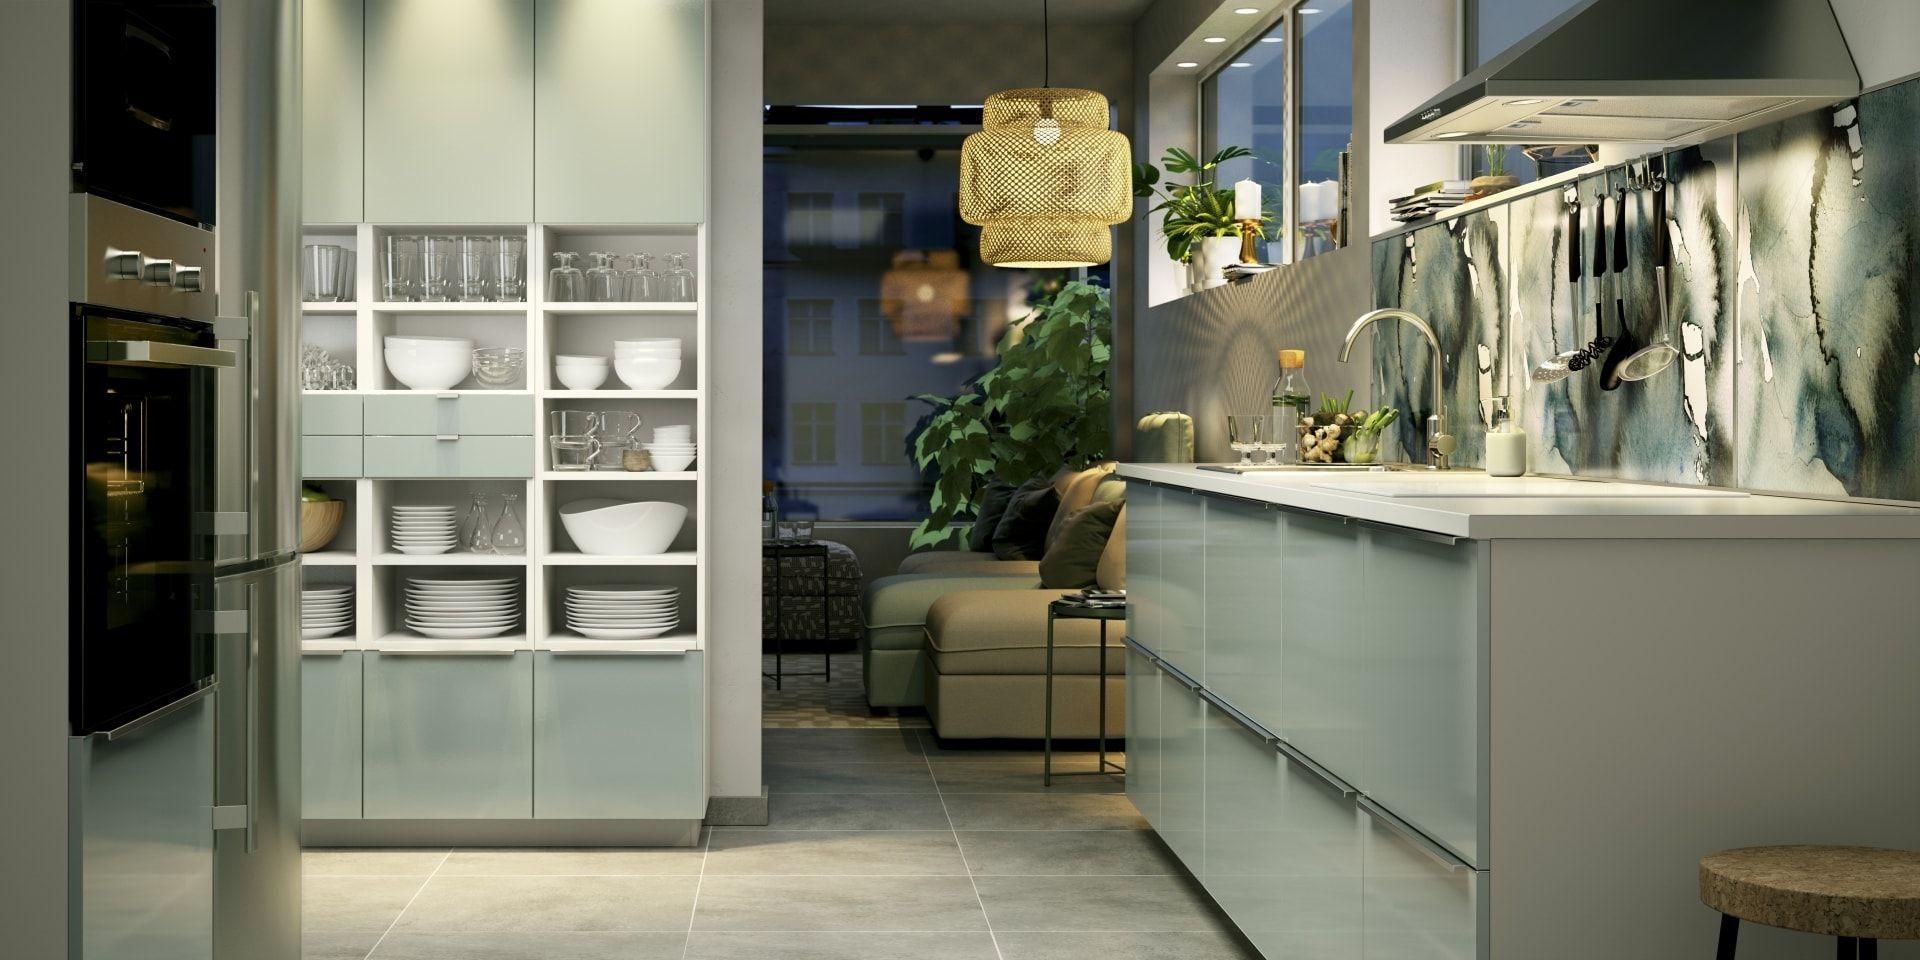 Cuisine Ikea Hittarp Élégant Collection Cuisine Metod Kallarp Par Ikea tous Dans La Cuisine Avec Les